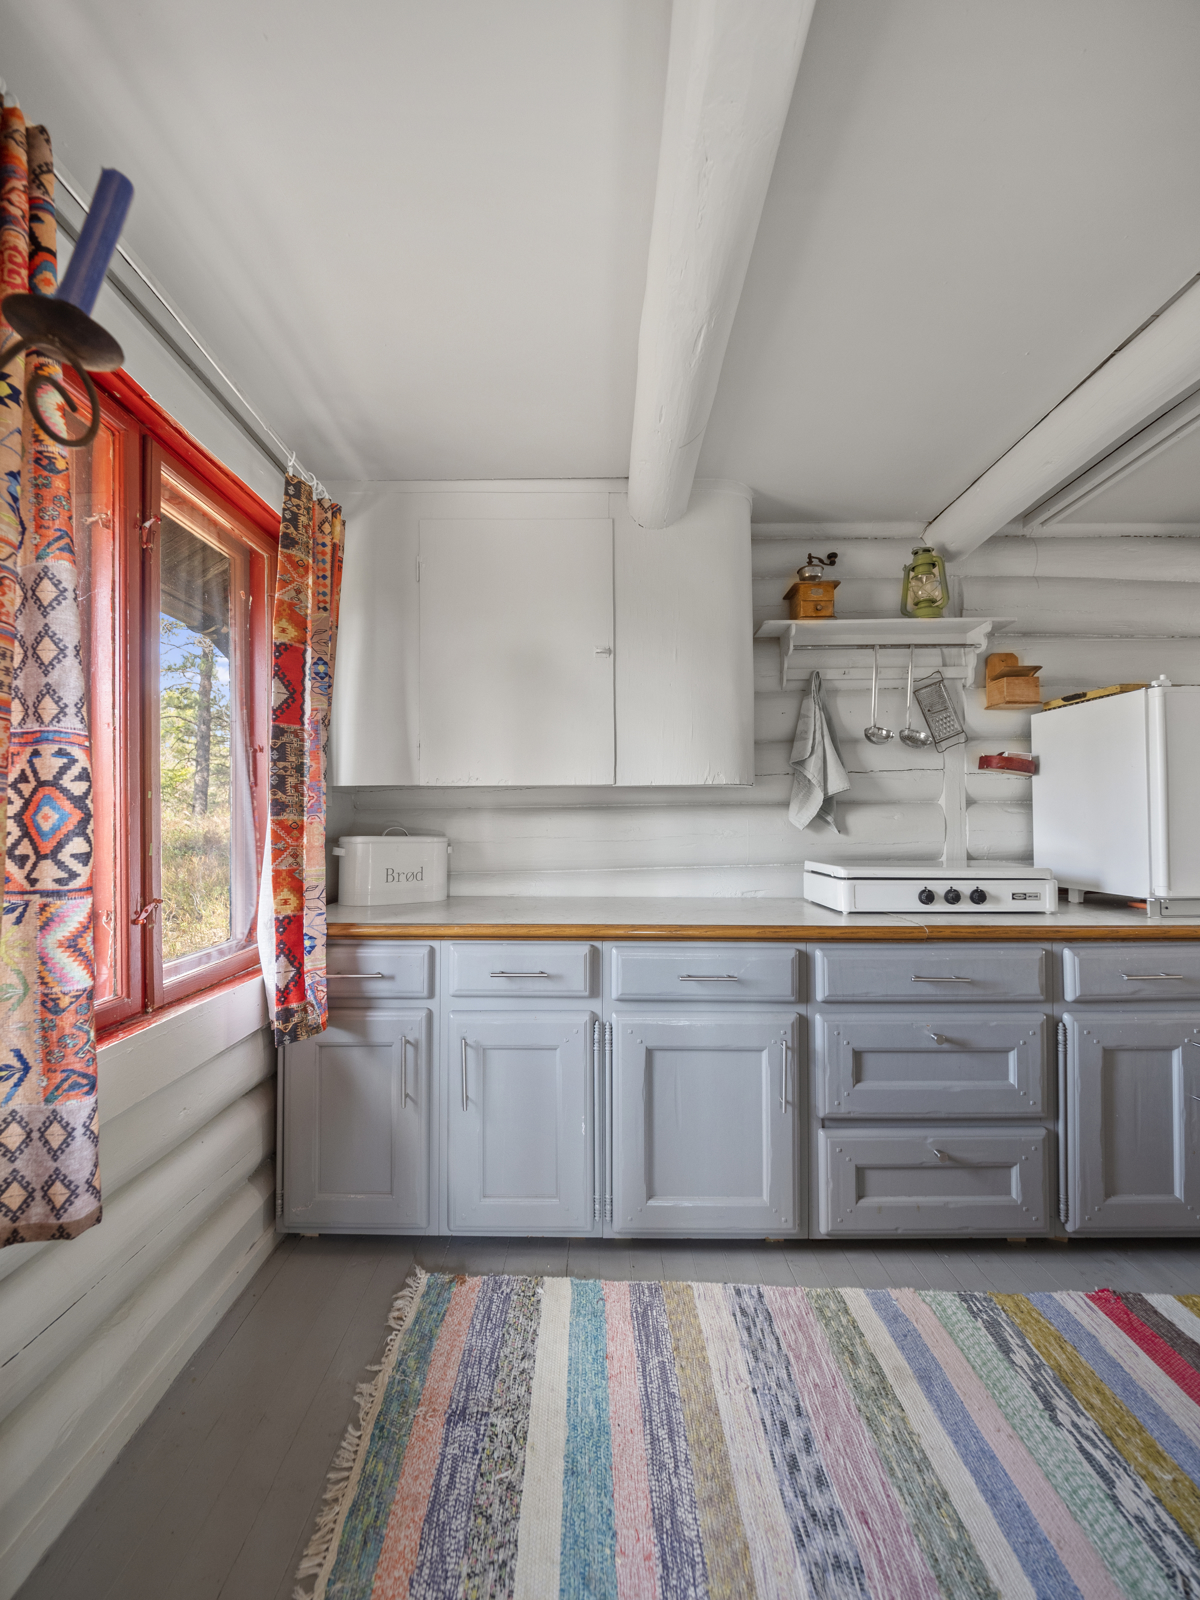 Kjøkken med malt innredning, med godt med benk- og oppbevaringsplass